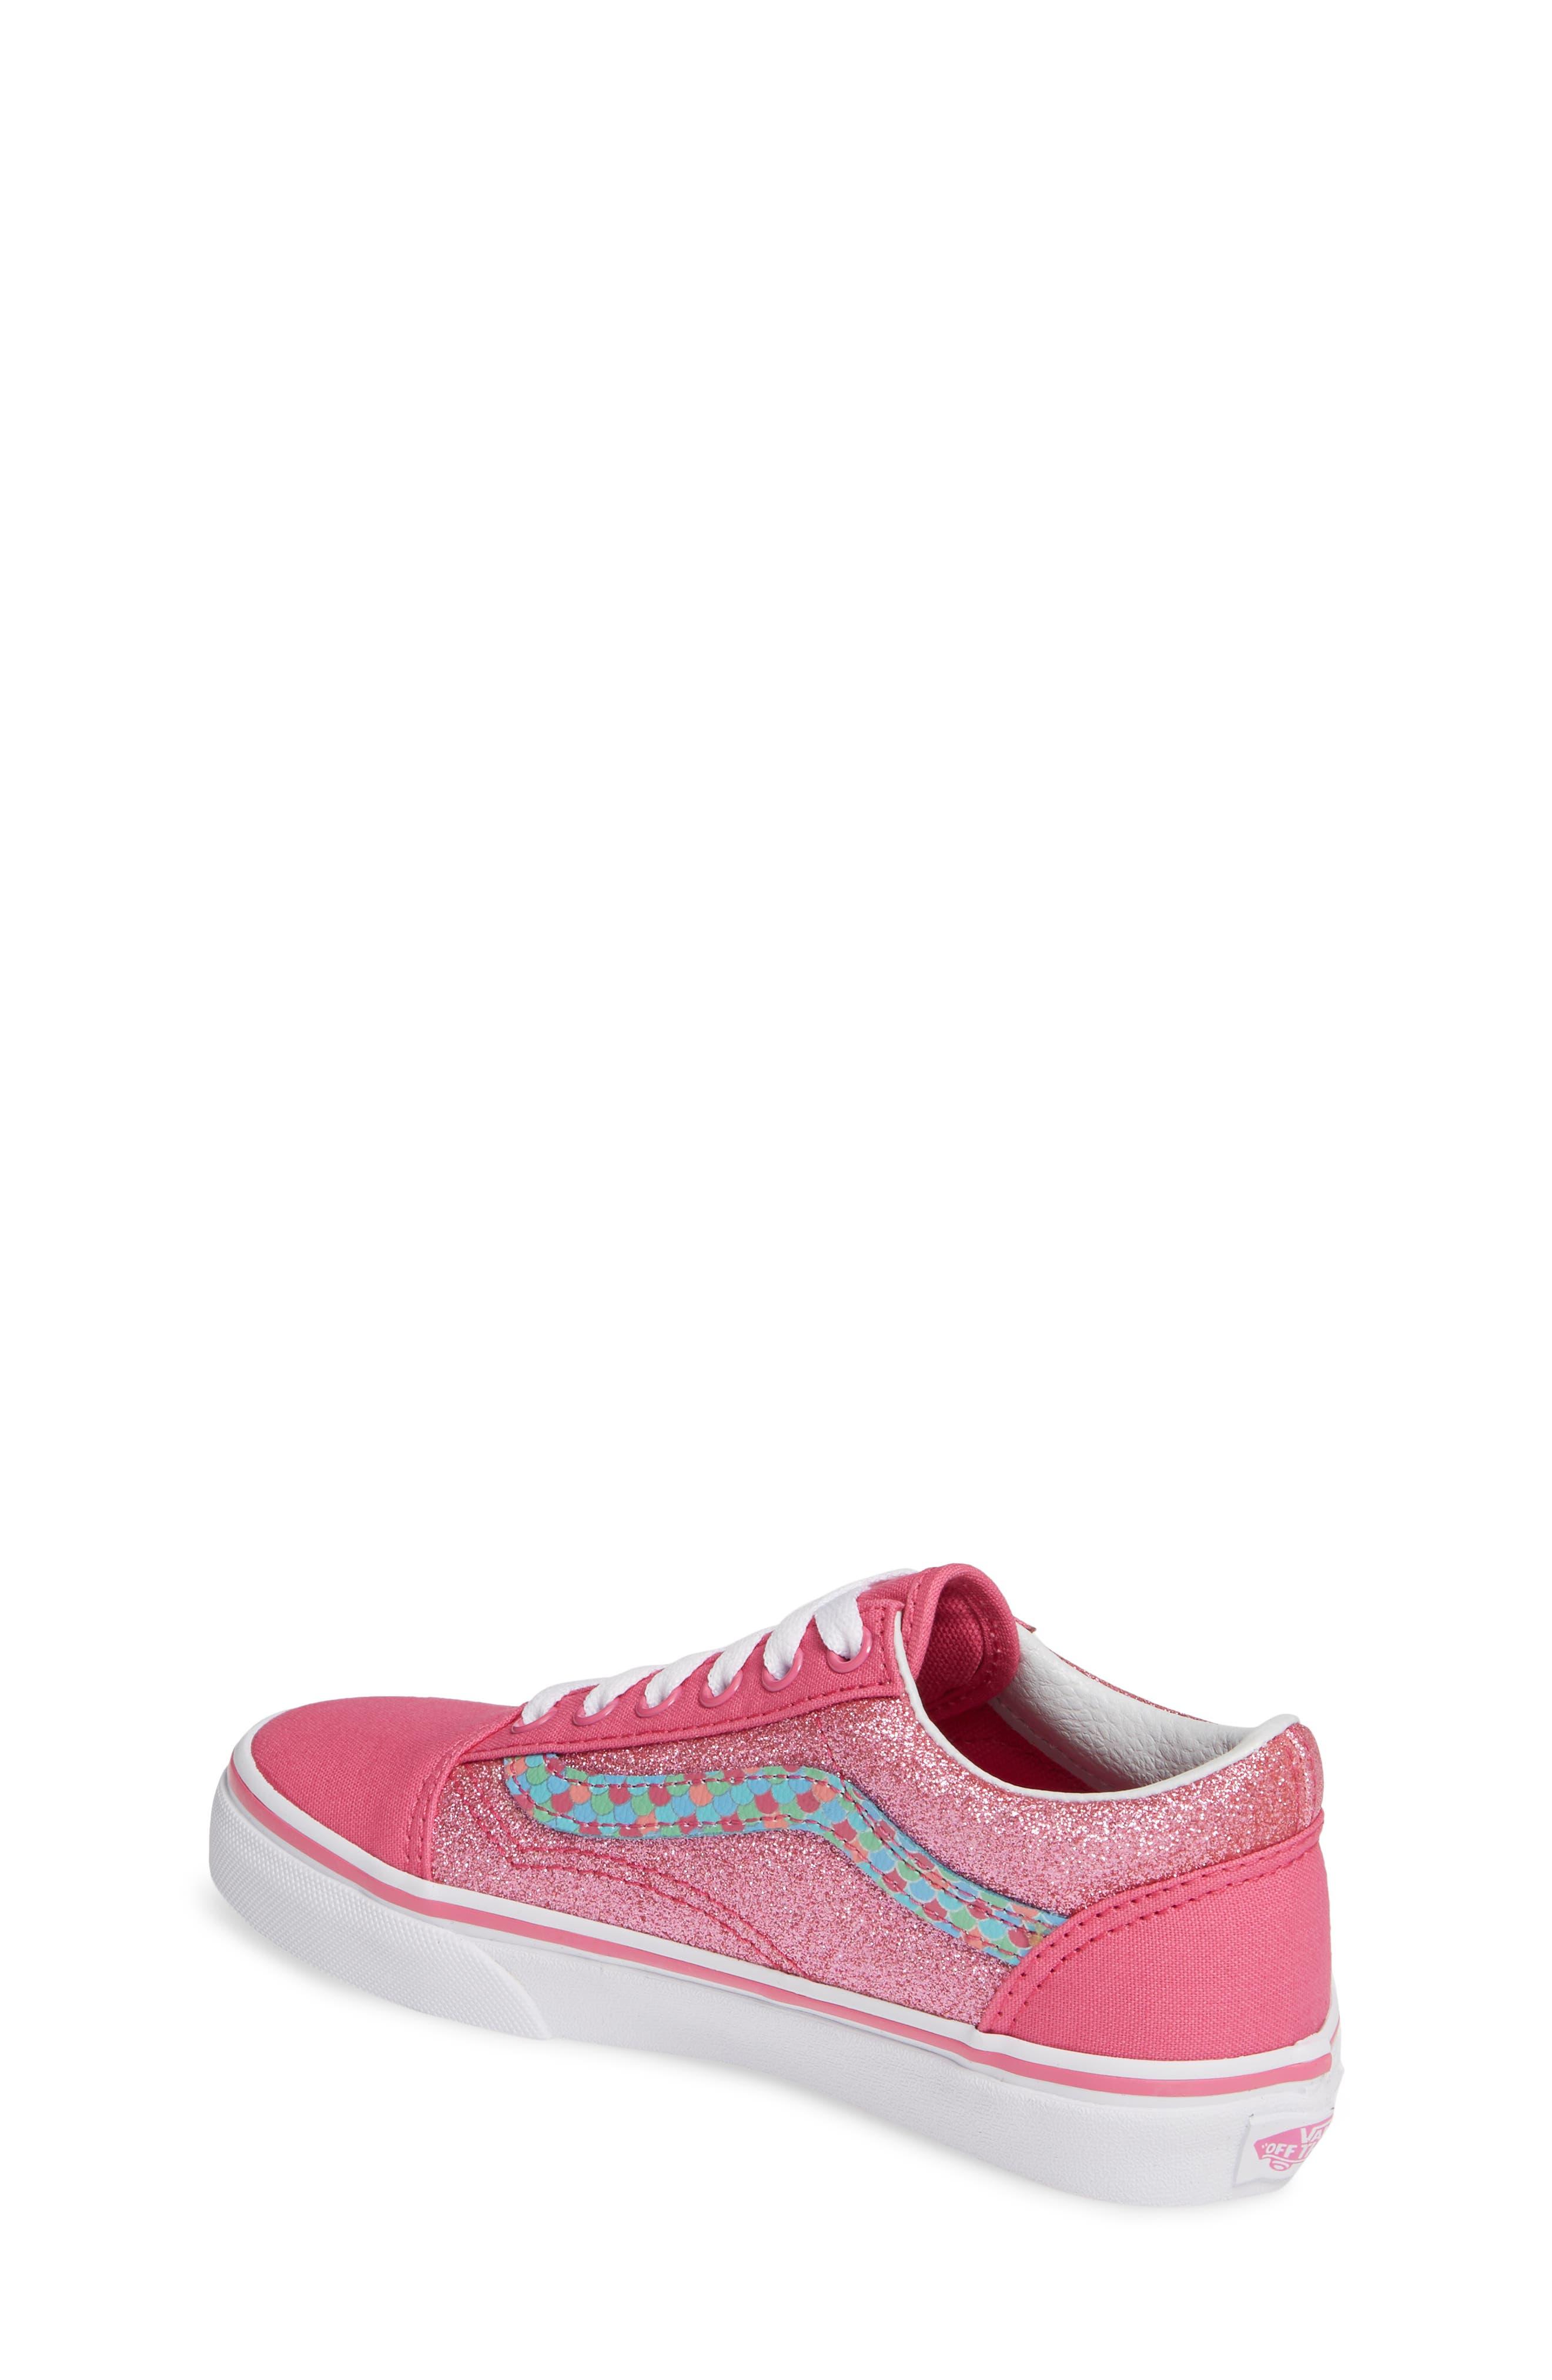 VANS, Old Skool Sneaker, Alternate thumbnail 2, color, CARMINE ROSE/ TRUE WHITE